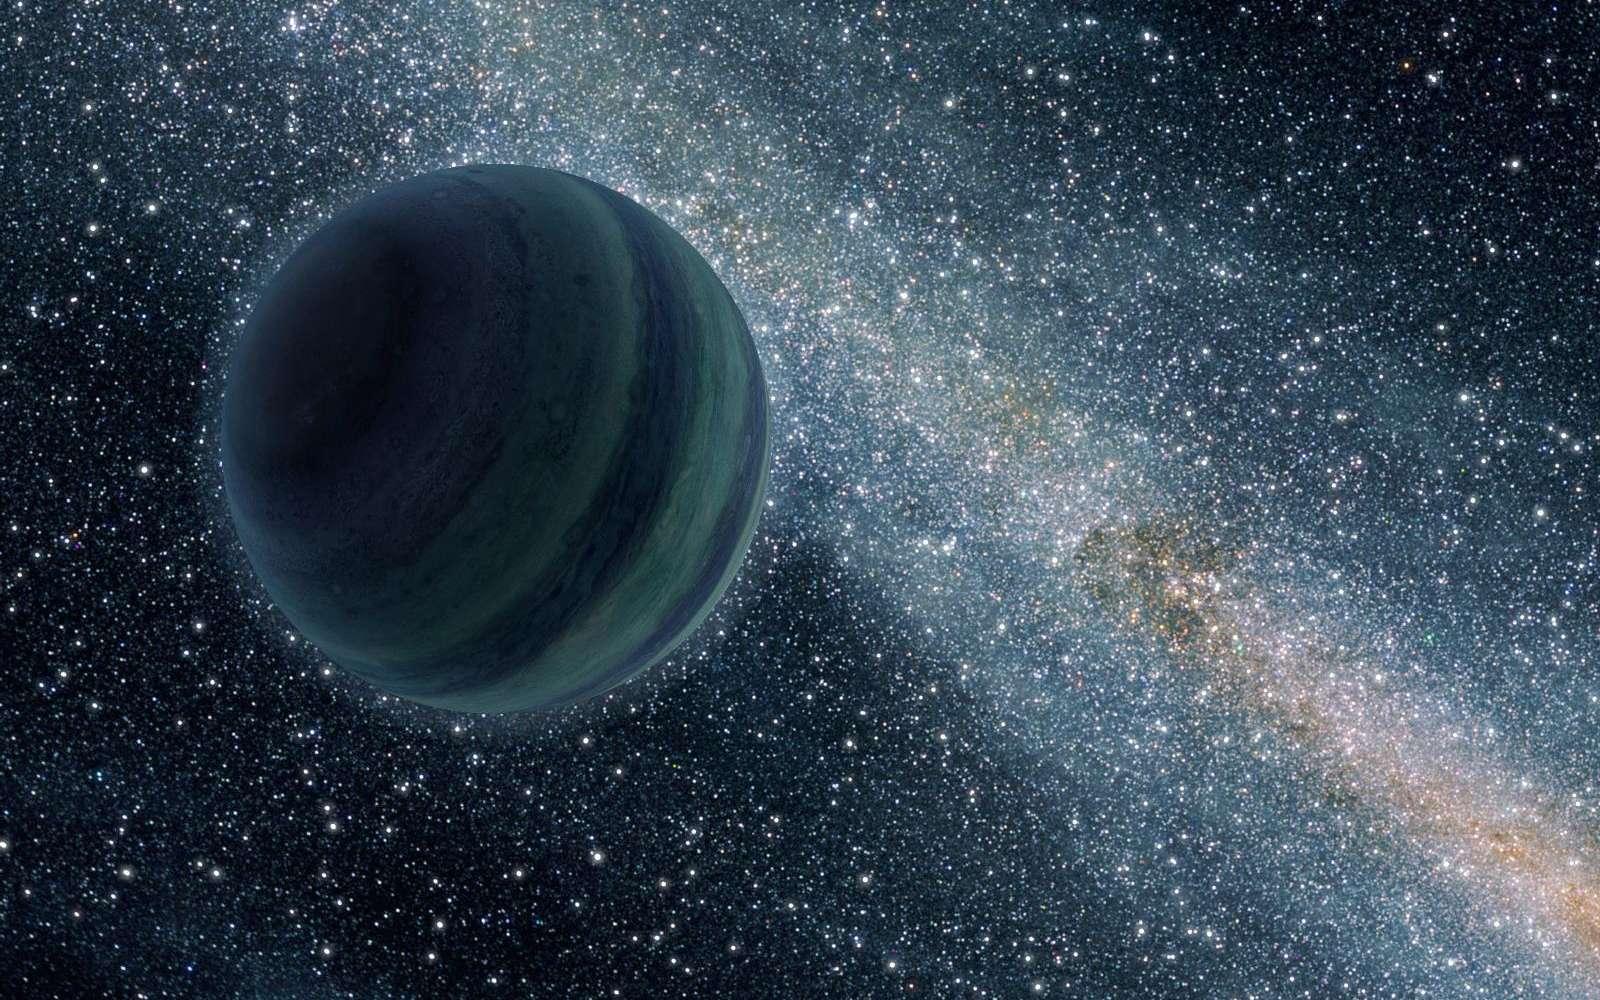 Une vue d'artiste du passage d'une exoplanète gazeuse éjectée de son lieu de formation, une planète errante dans la Voie lactée. © Nasa, JPL-Caltech